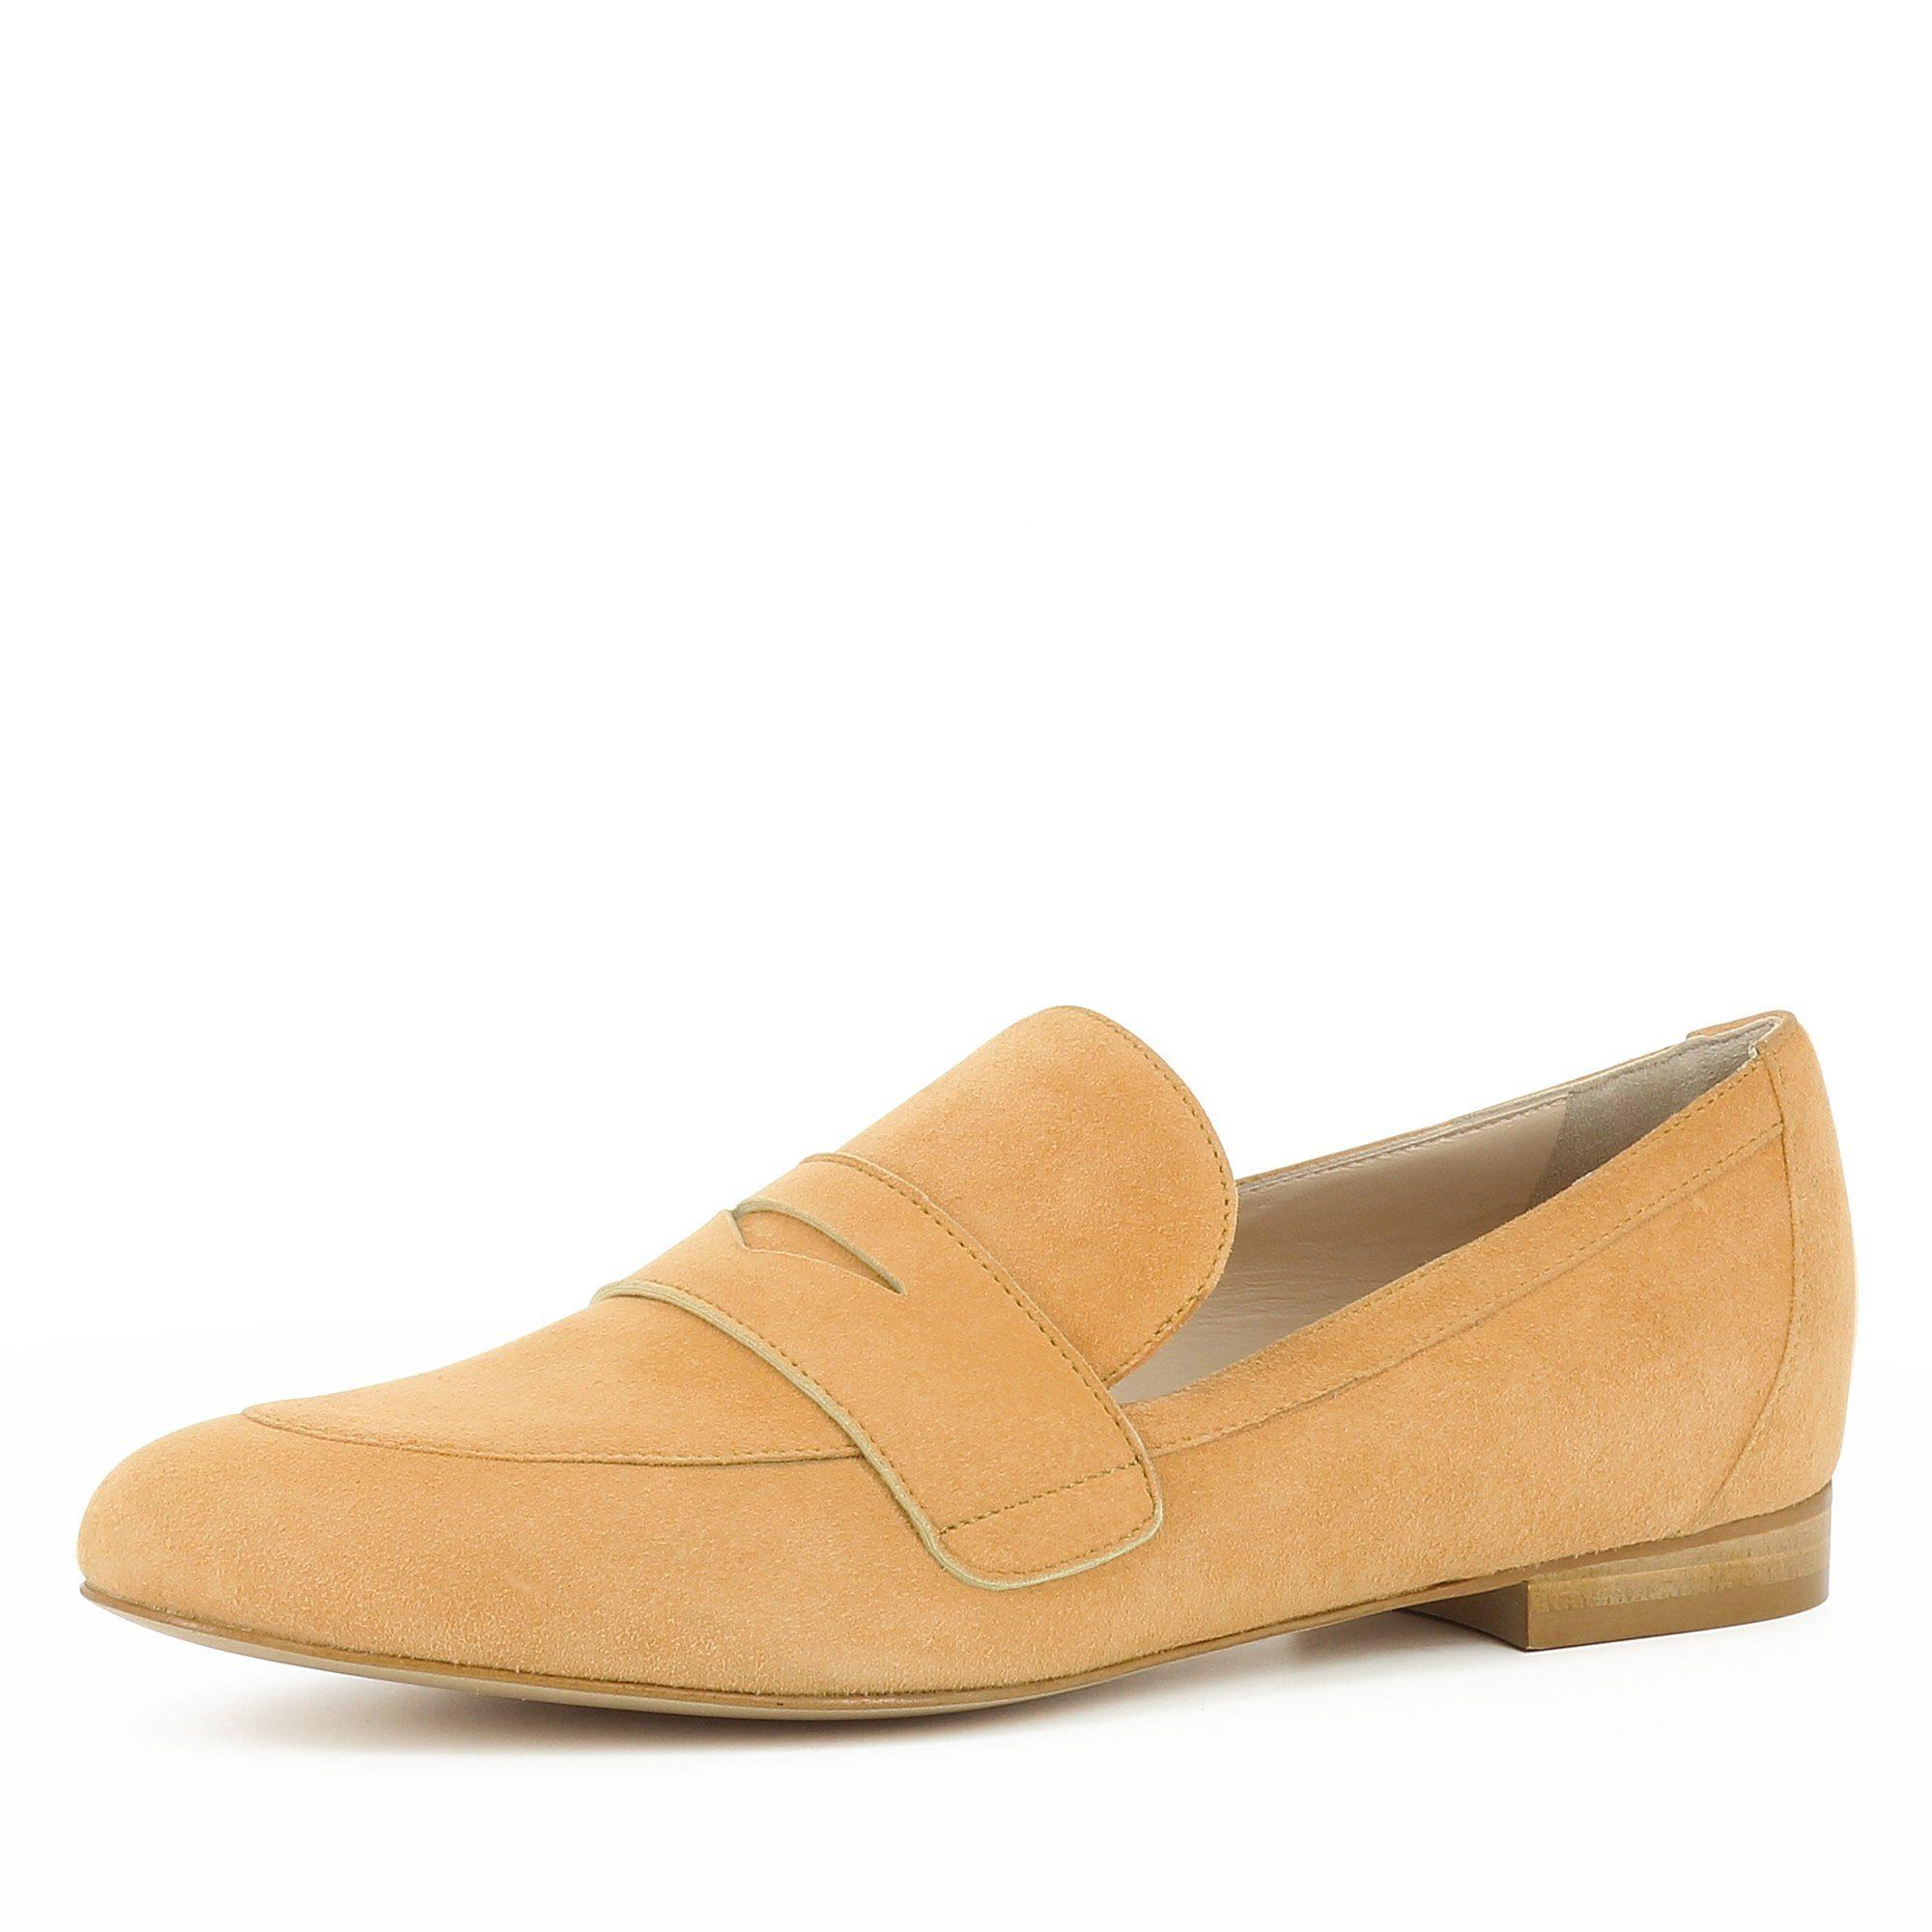 Evita PATTY Slipper online kaufen  orange